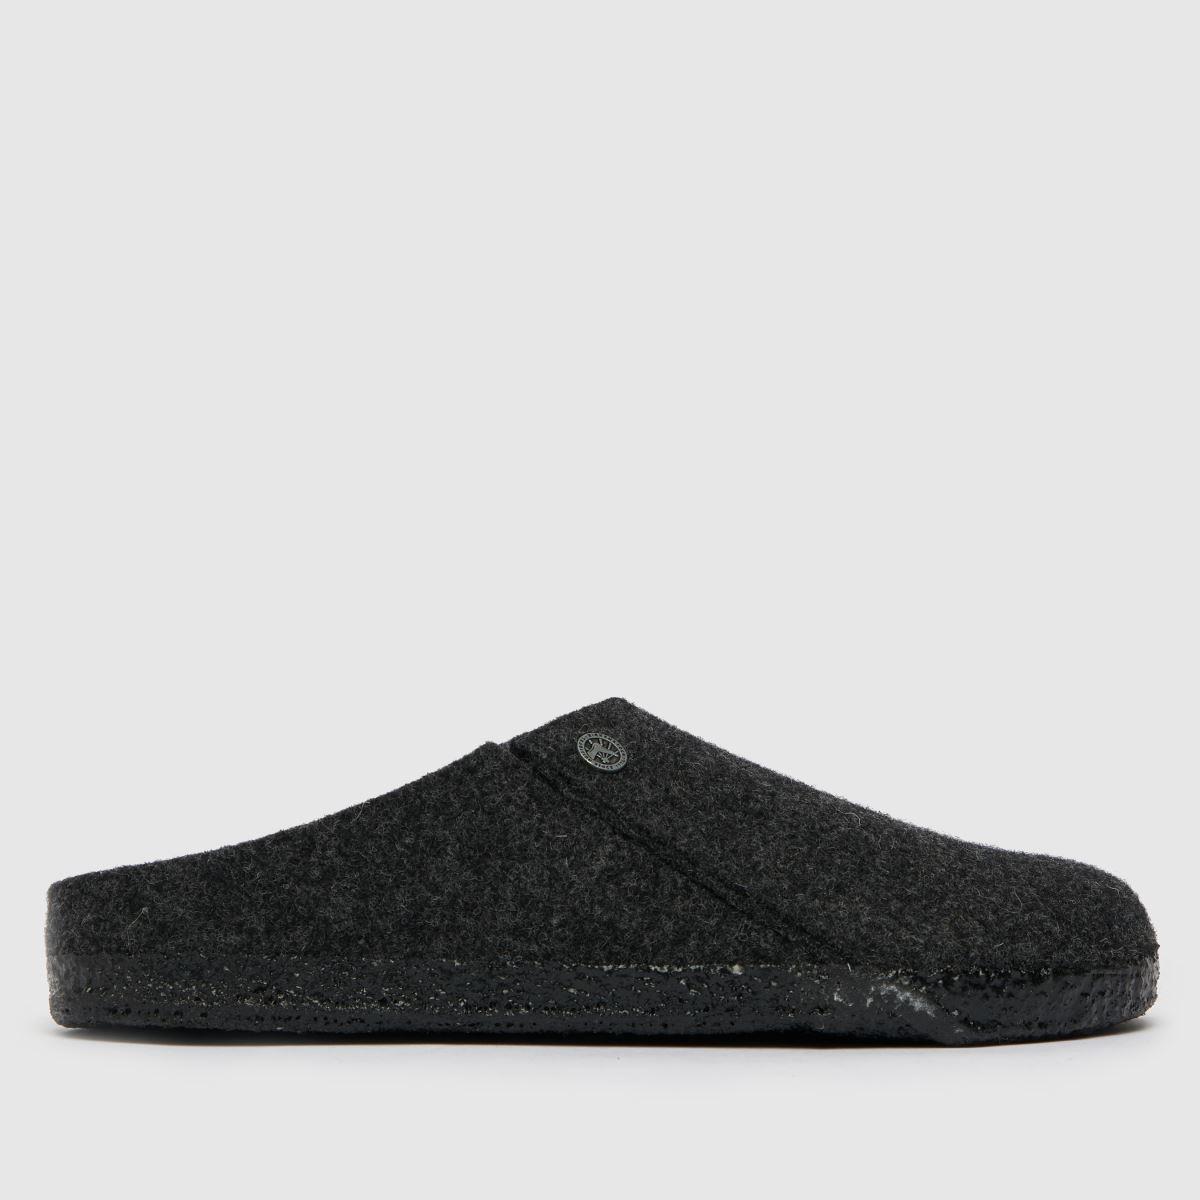 BIRKENSTOCK Dark Grey Zermatt Slippers